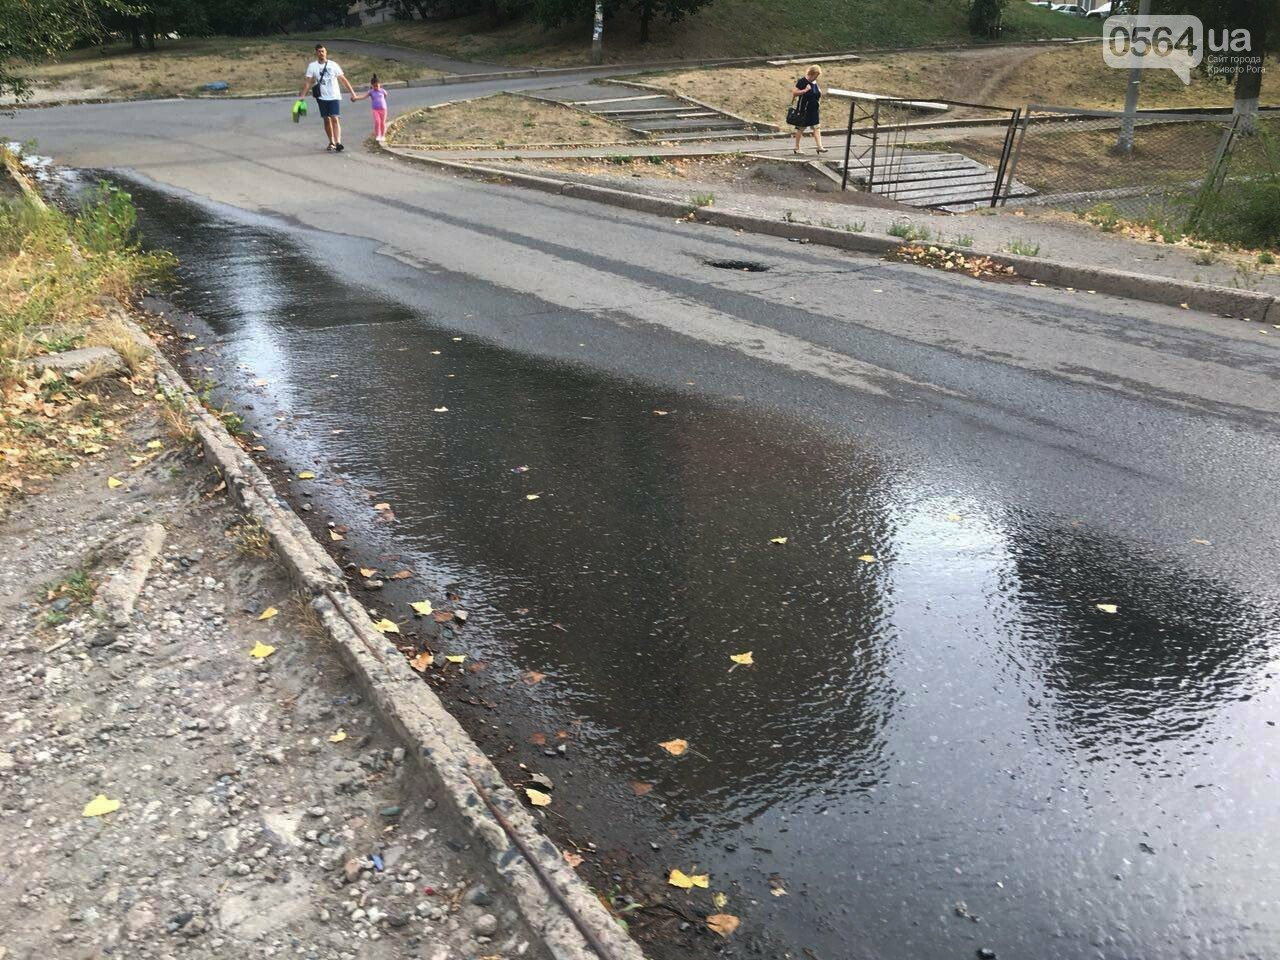 В Кривом Роге несколько дней заливает питьевой водой целый микрорайон, - ФОТО, ВИДЕО , фото-31